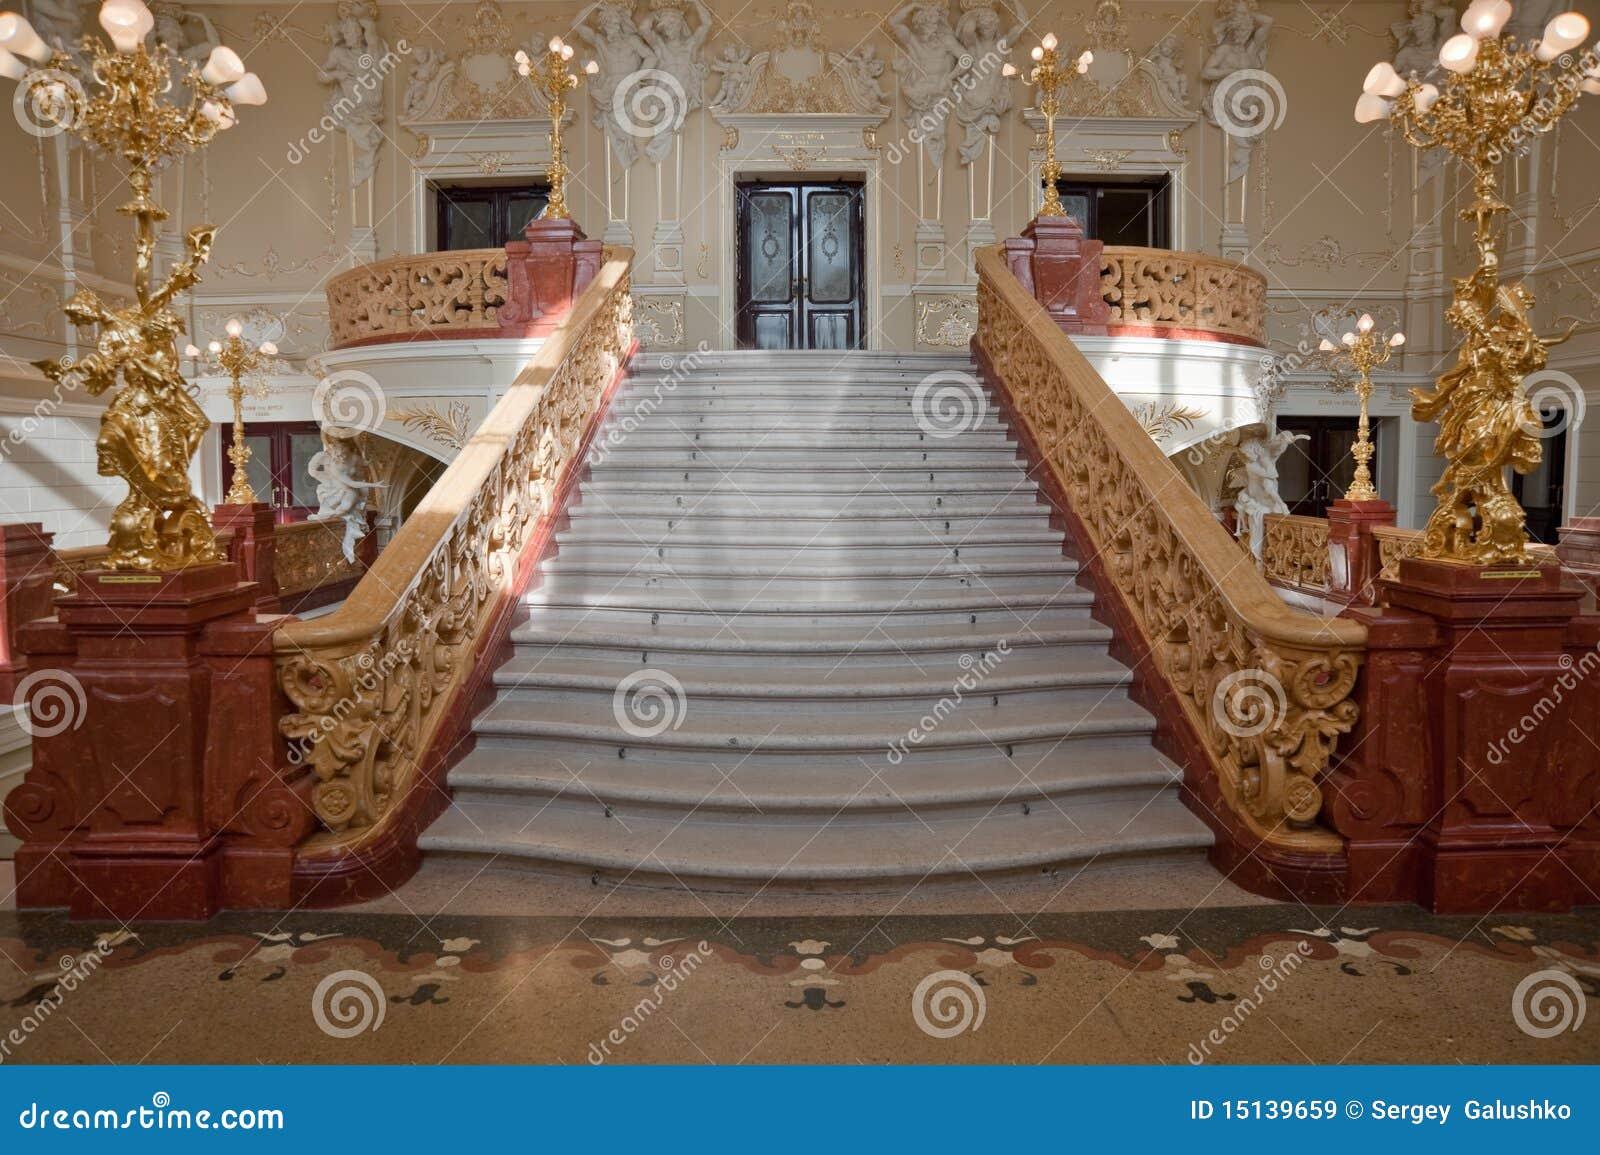 escalier de luxe images libres de droits image 15139659. Black Bedroom Furniture Sets. Home Design Ideas